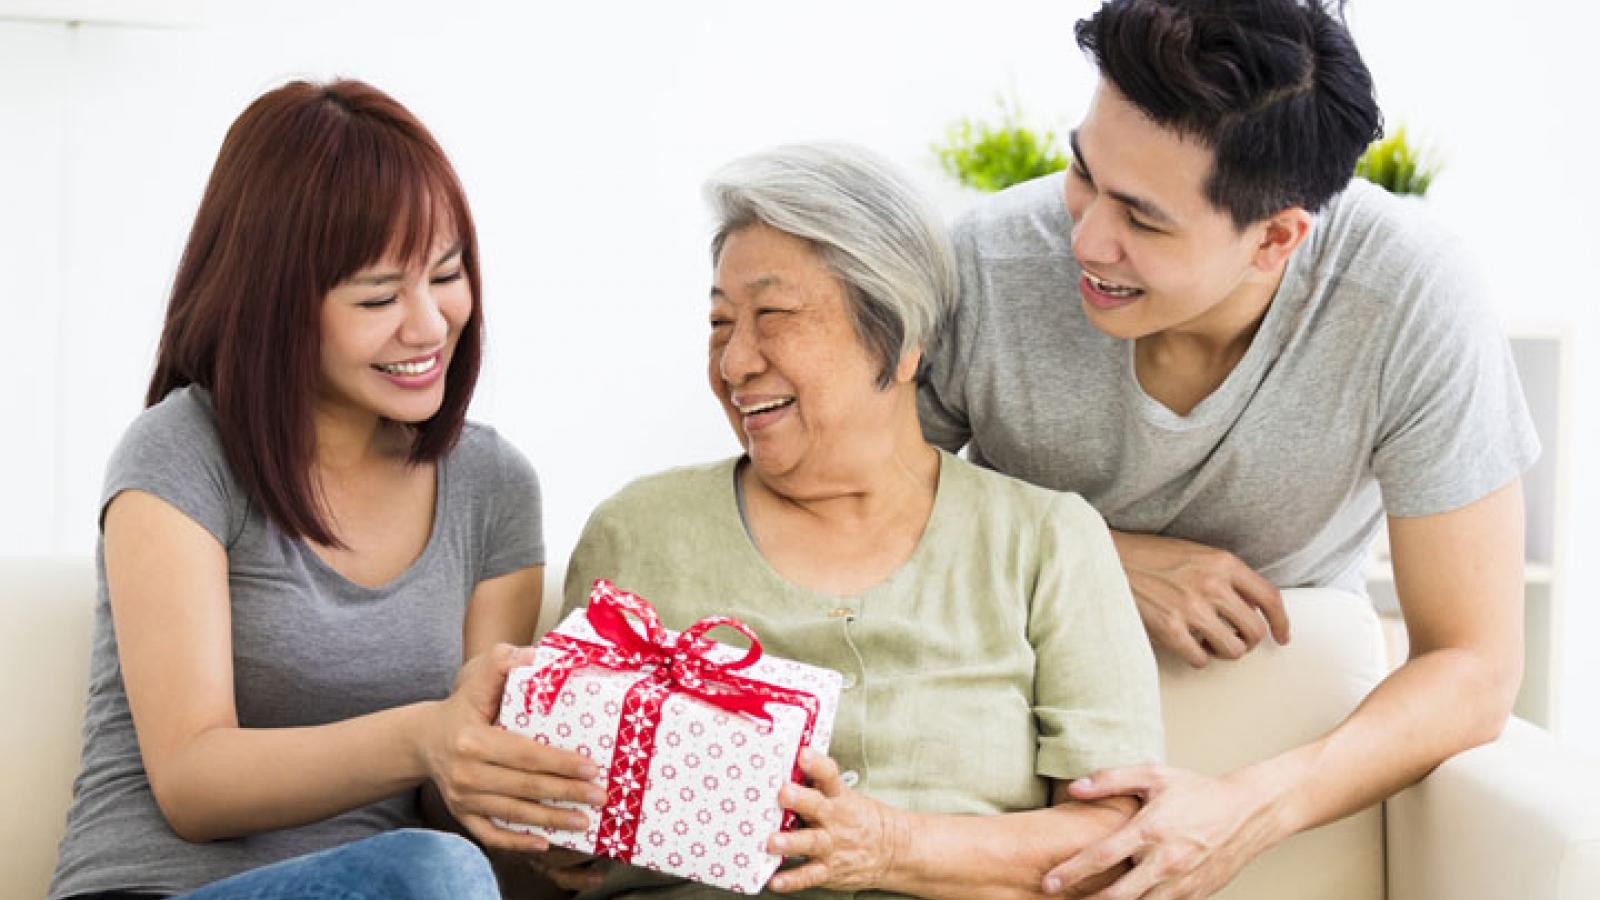 10 gợi ý quà tặng ý nghĩa cho Ngày của mẹ